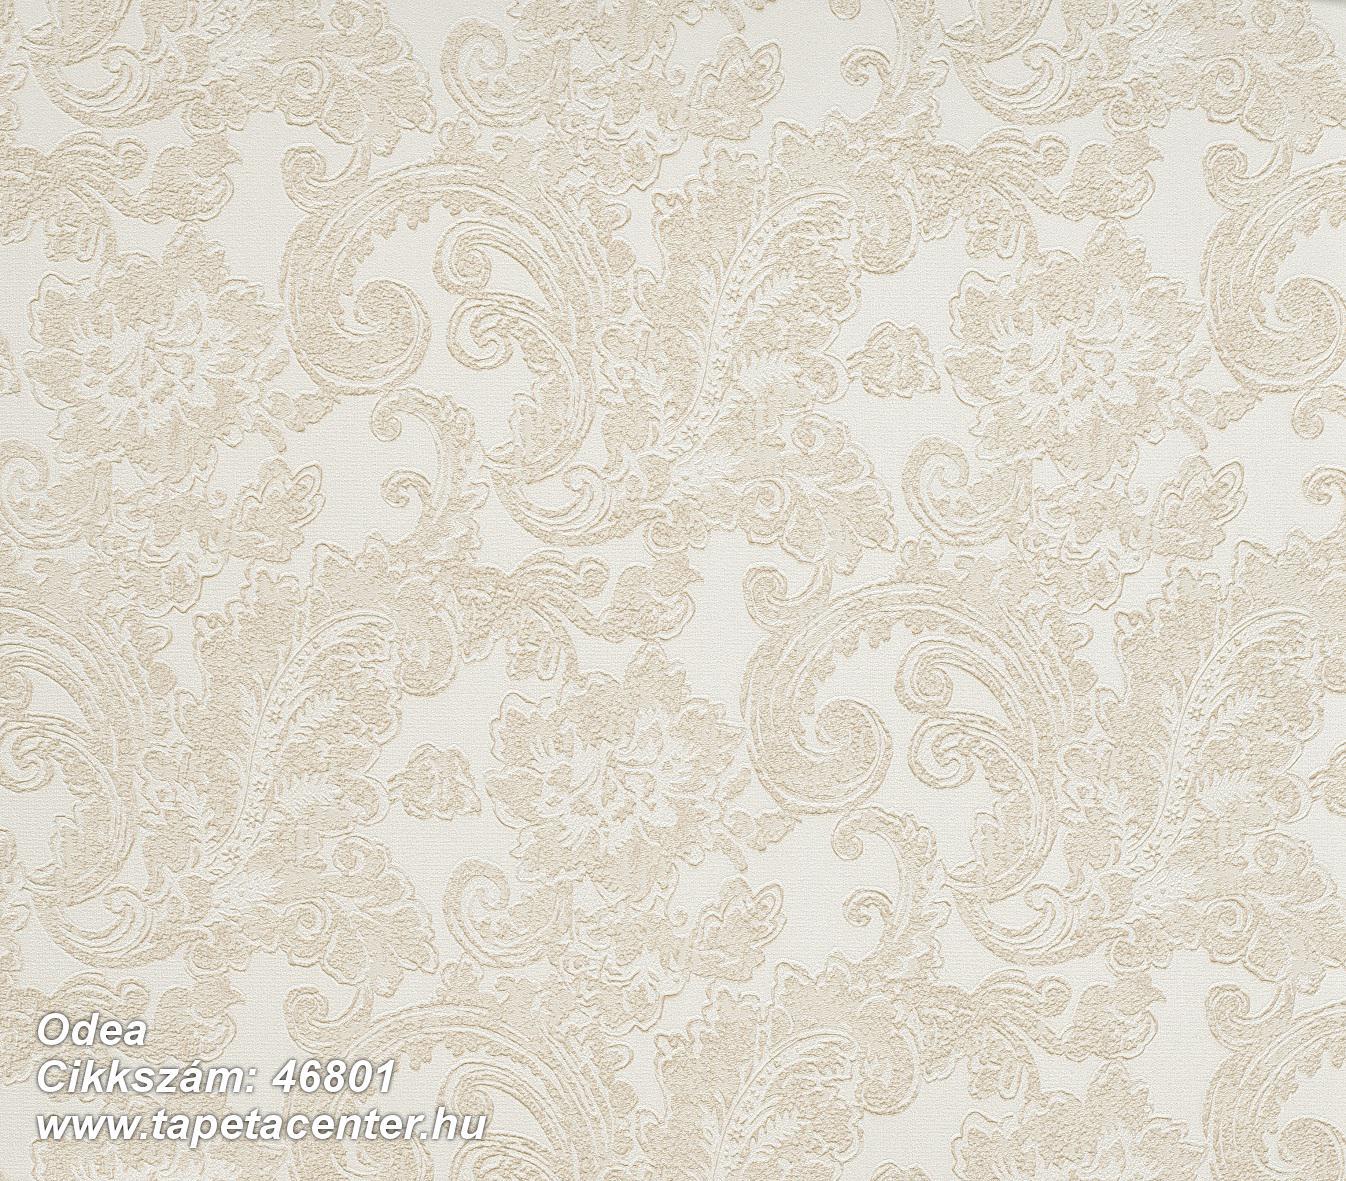 Odea - 46801 Olasz tapéta